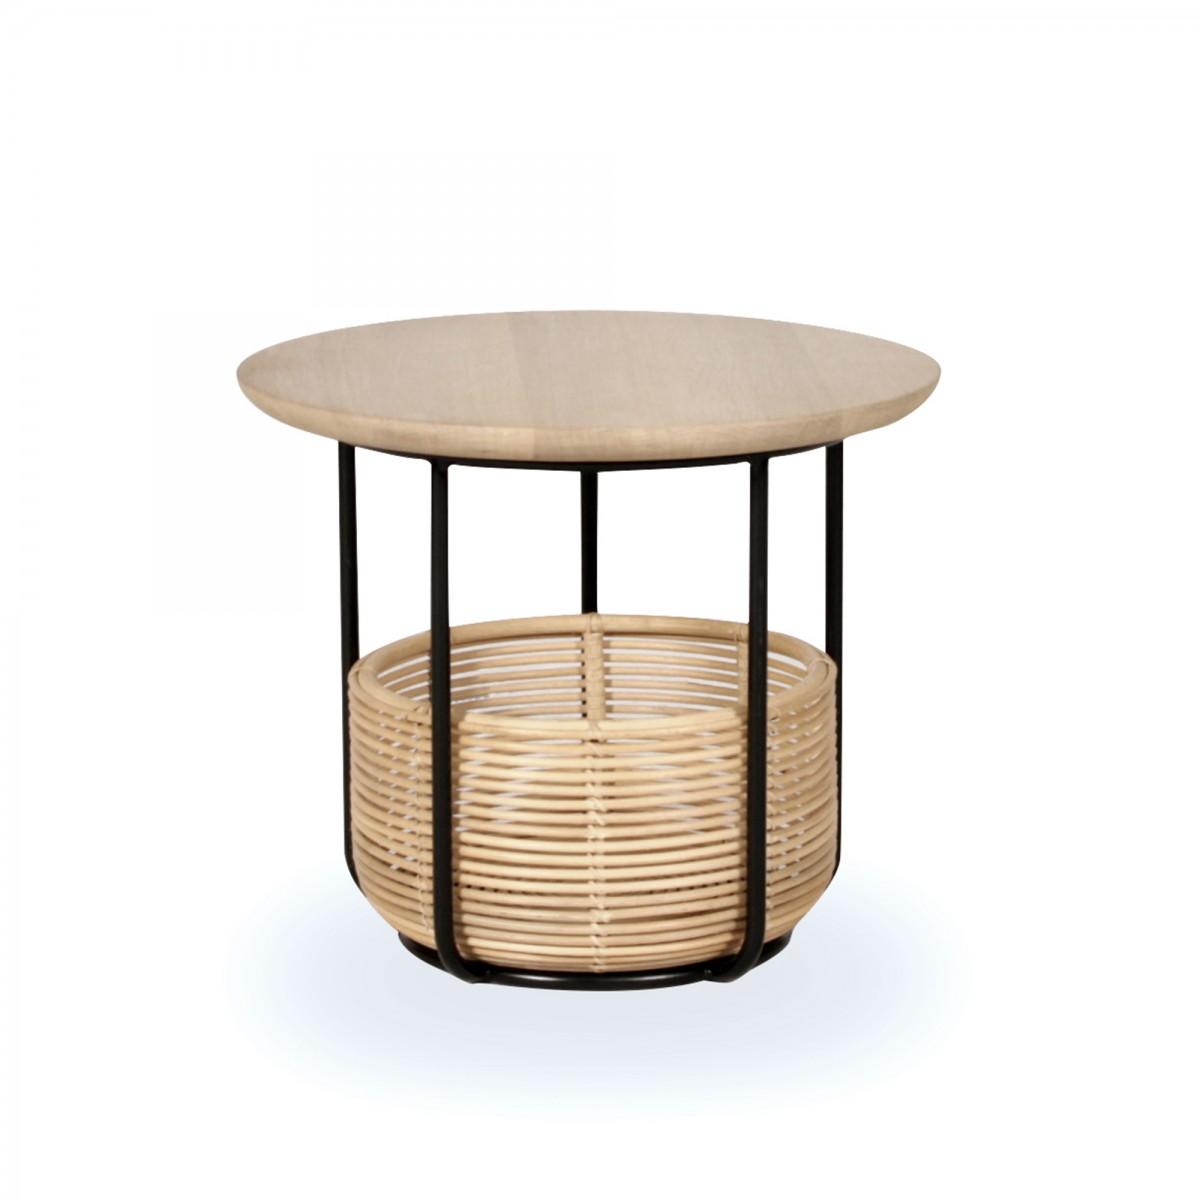 VIVI S coffee table - VINCENT SHEPPARD